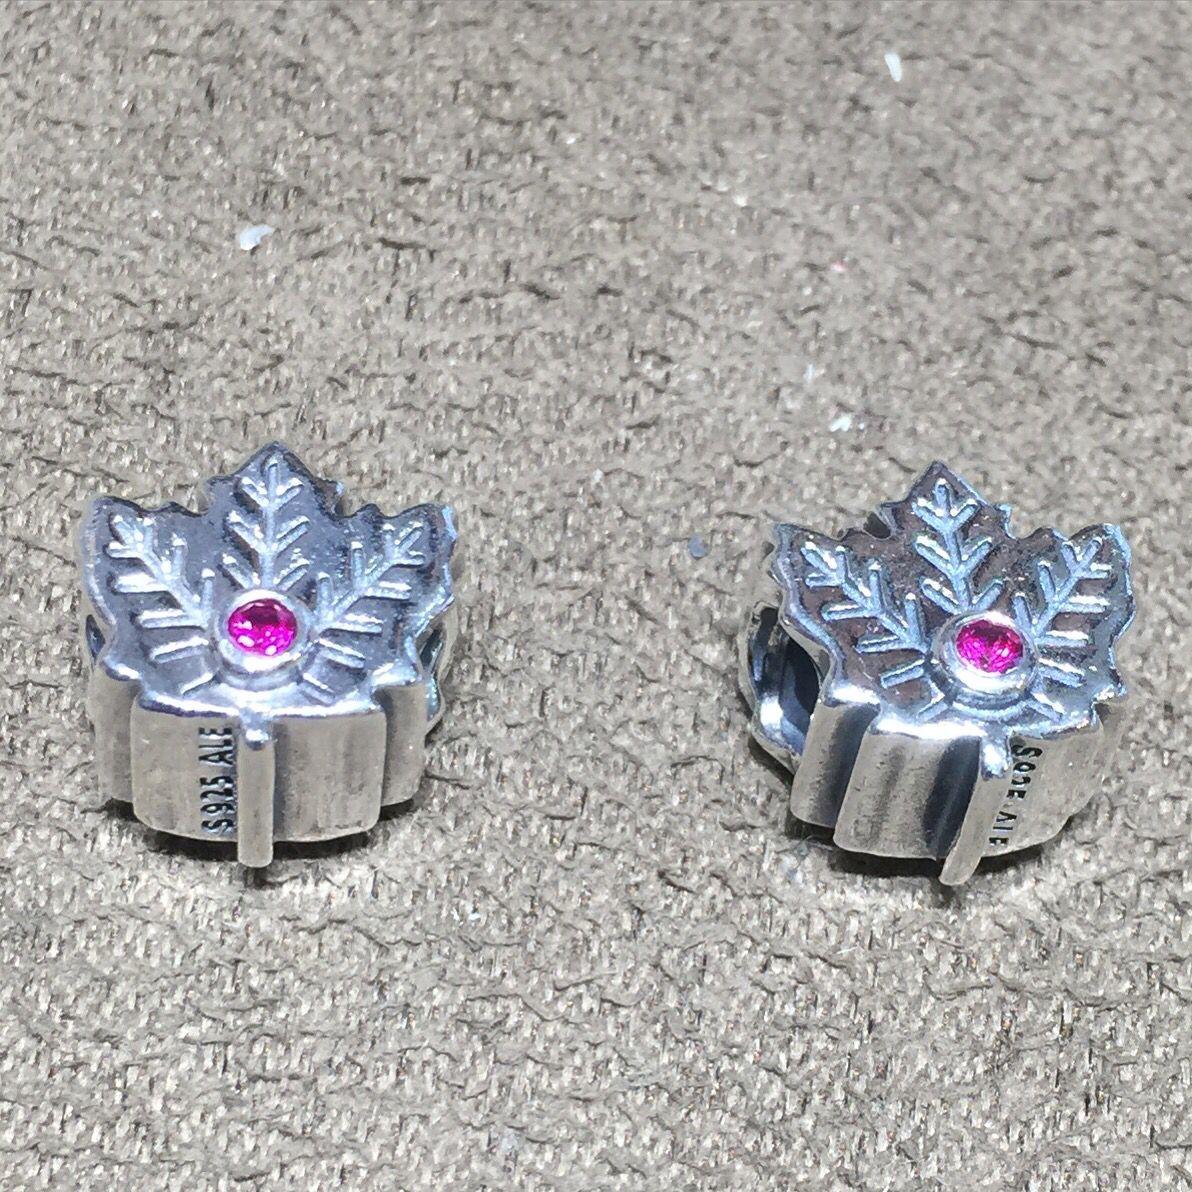 Pandora Maple Leaf Canada Charm. Cuff bracelets, Silver